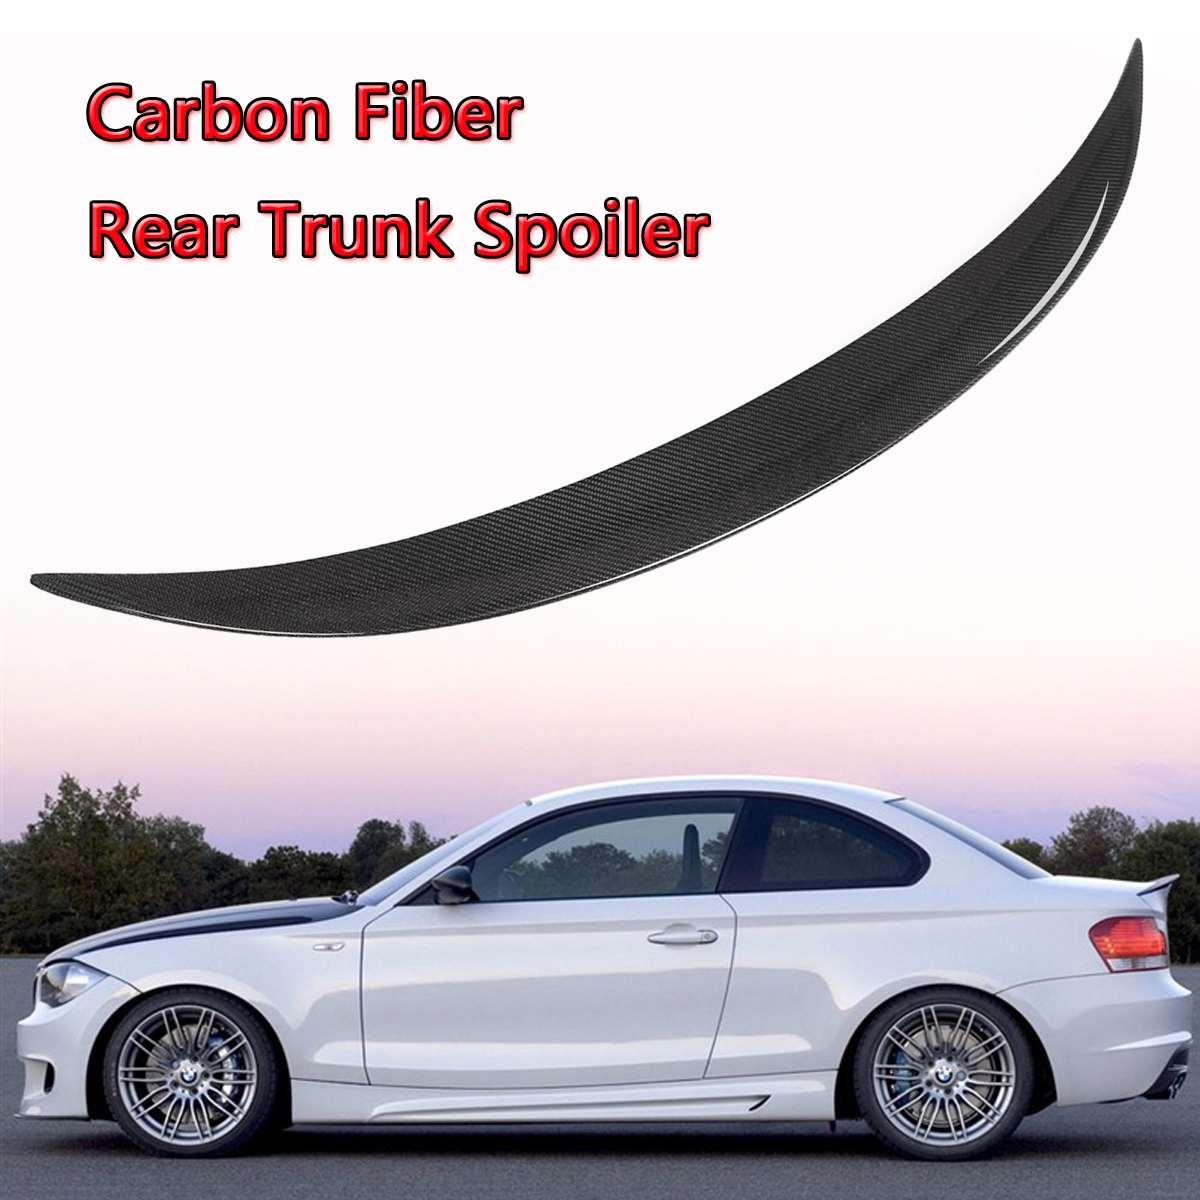 E82 aileron aile vraie Fiber de carbone voiture coffre arrière lèvre de coffre aileron aile couvercle pour BMW E82 E88 120i 128i 135i pour coupé 2007-2012